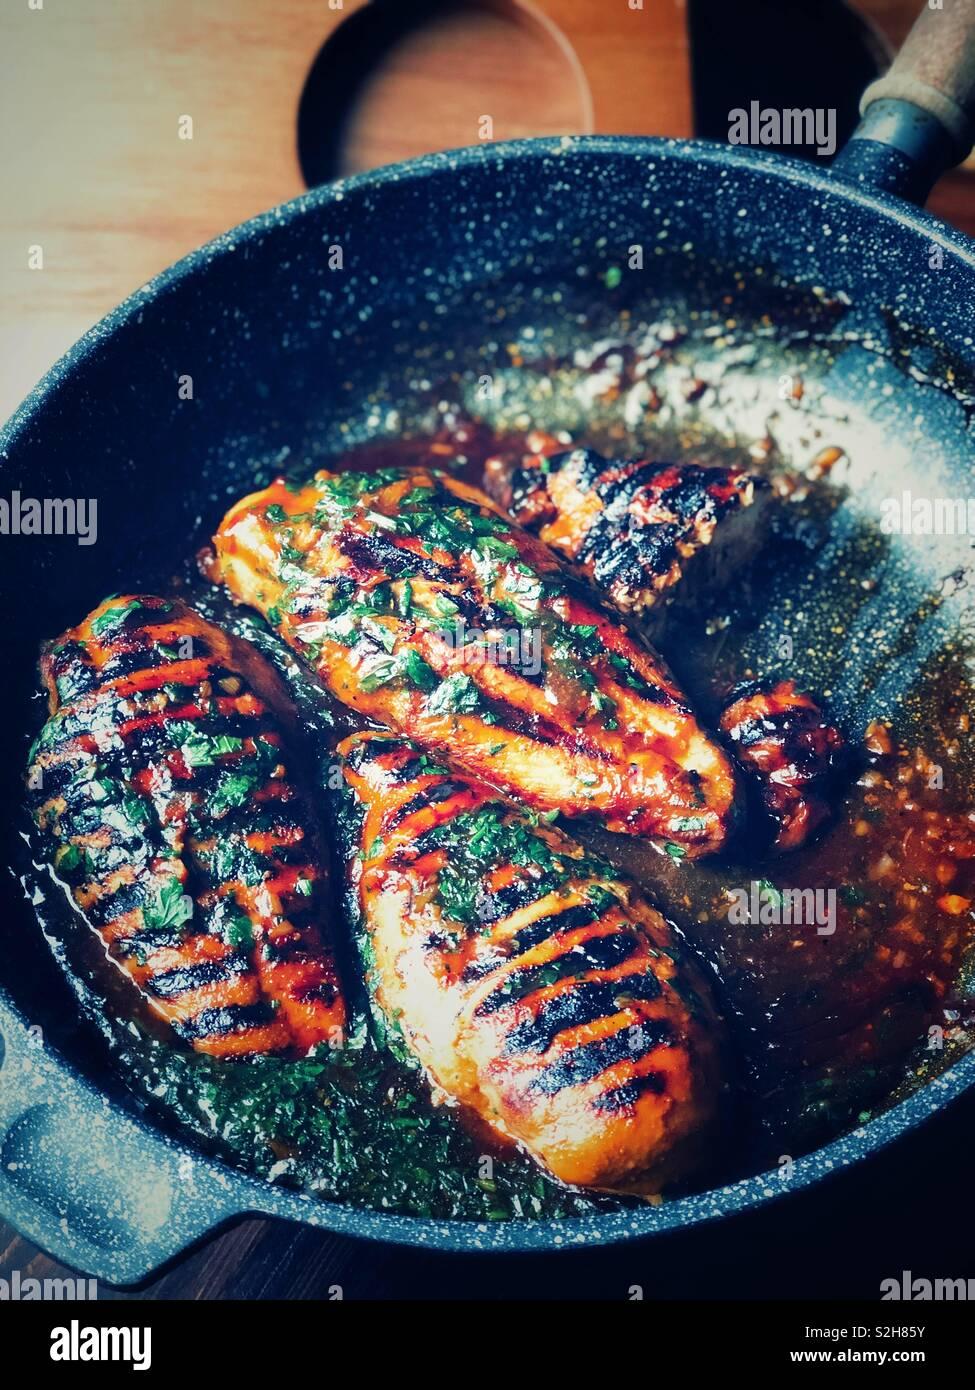 Foto di cibo, cibo fotografia, scelte alimentari, coloranti alimentari Foto Stock